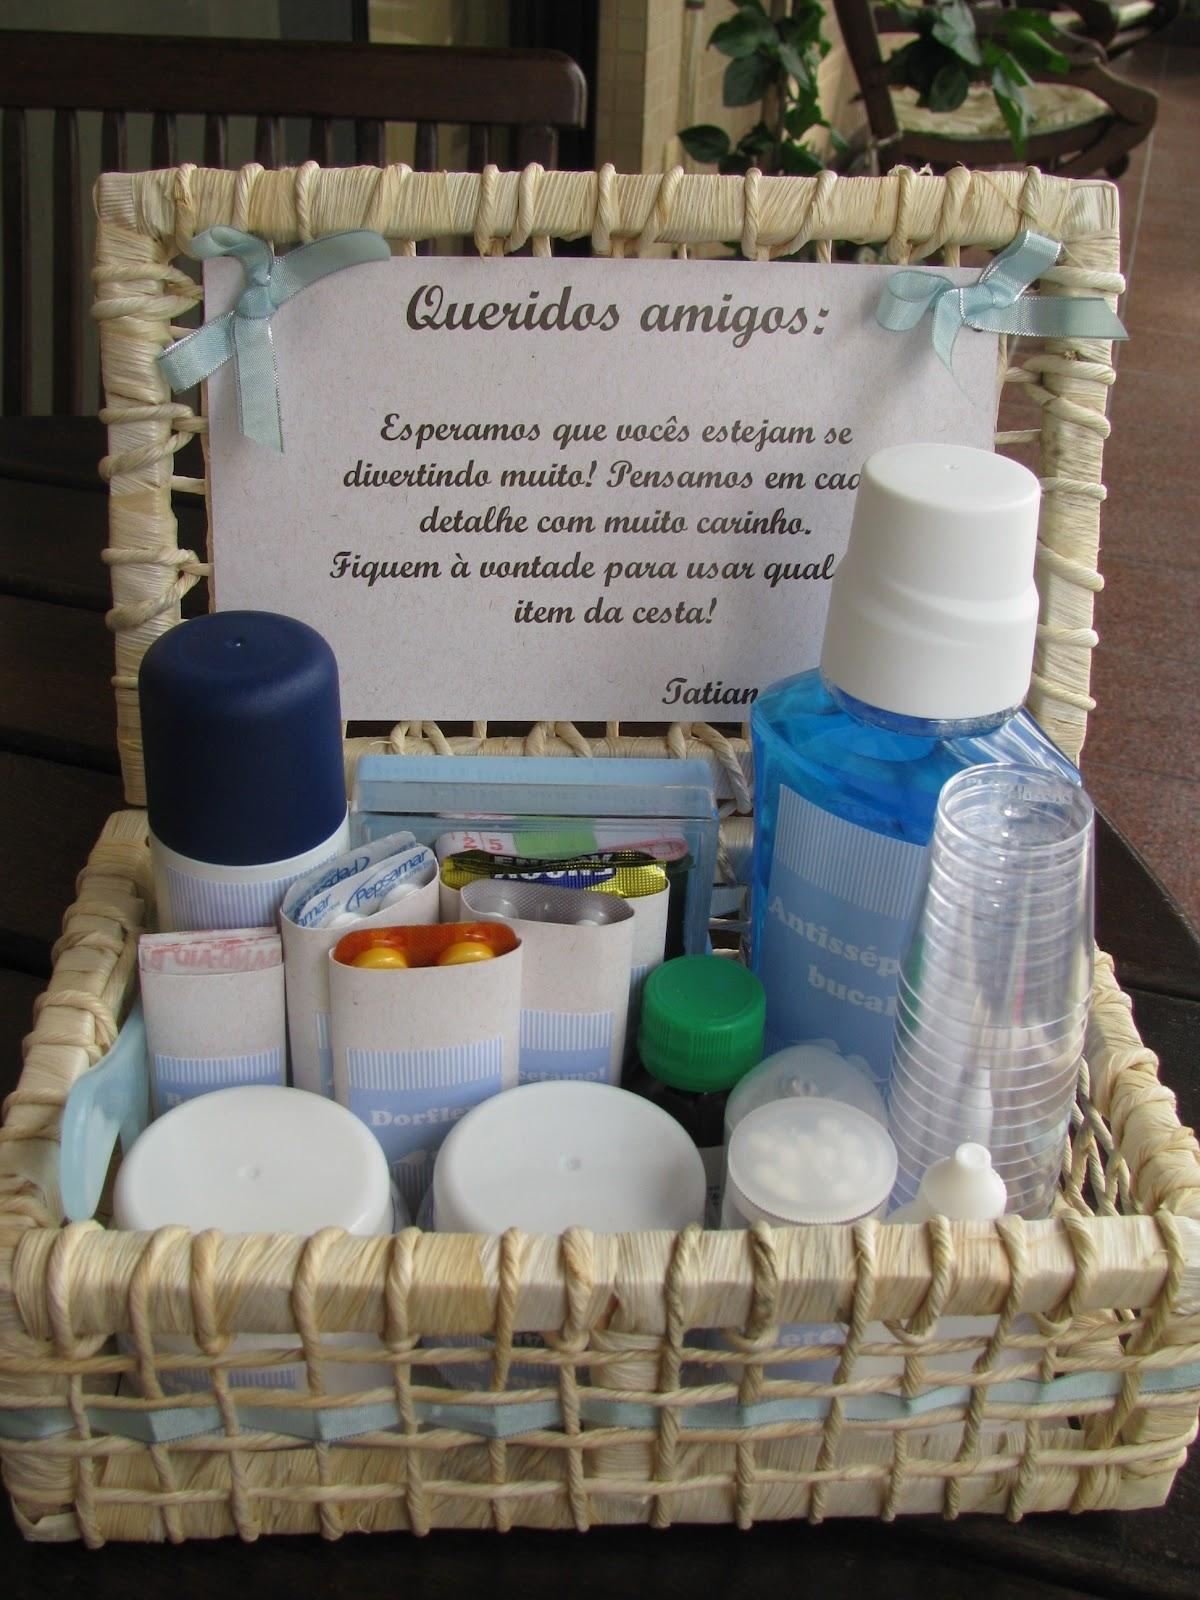 Kit Banheiro Para Casamento Goiania : Trilhando o cas?rio kit banheiro